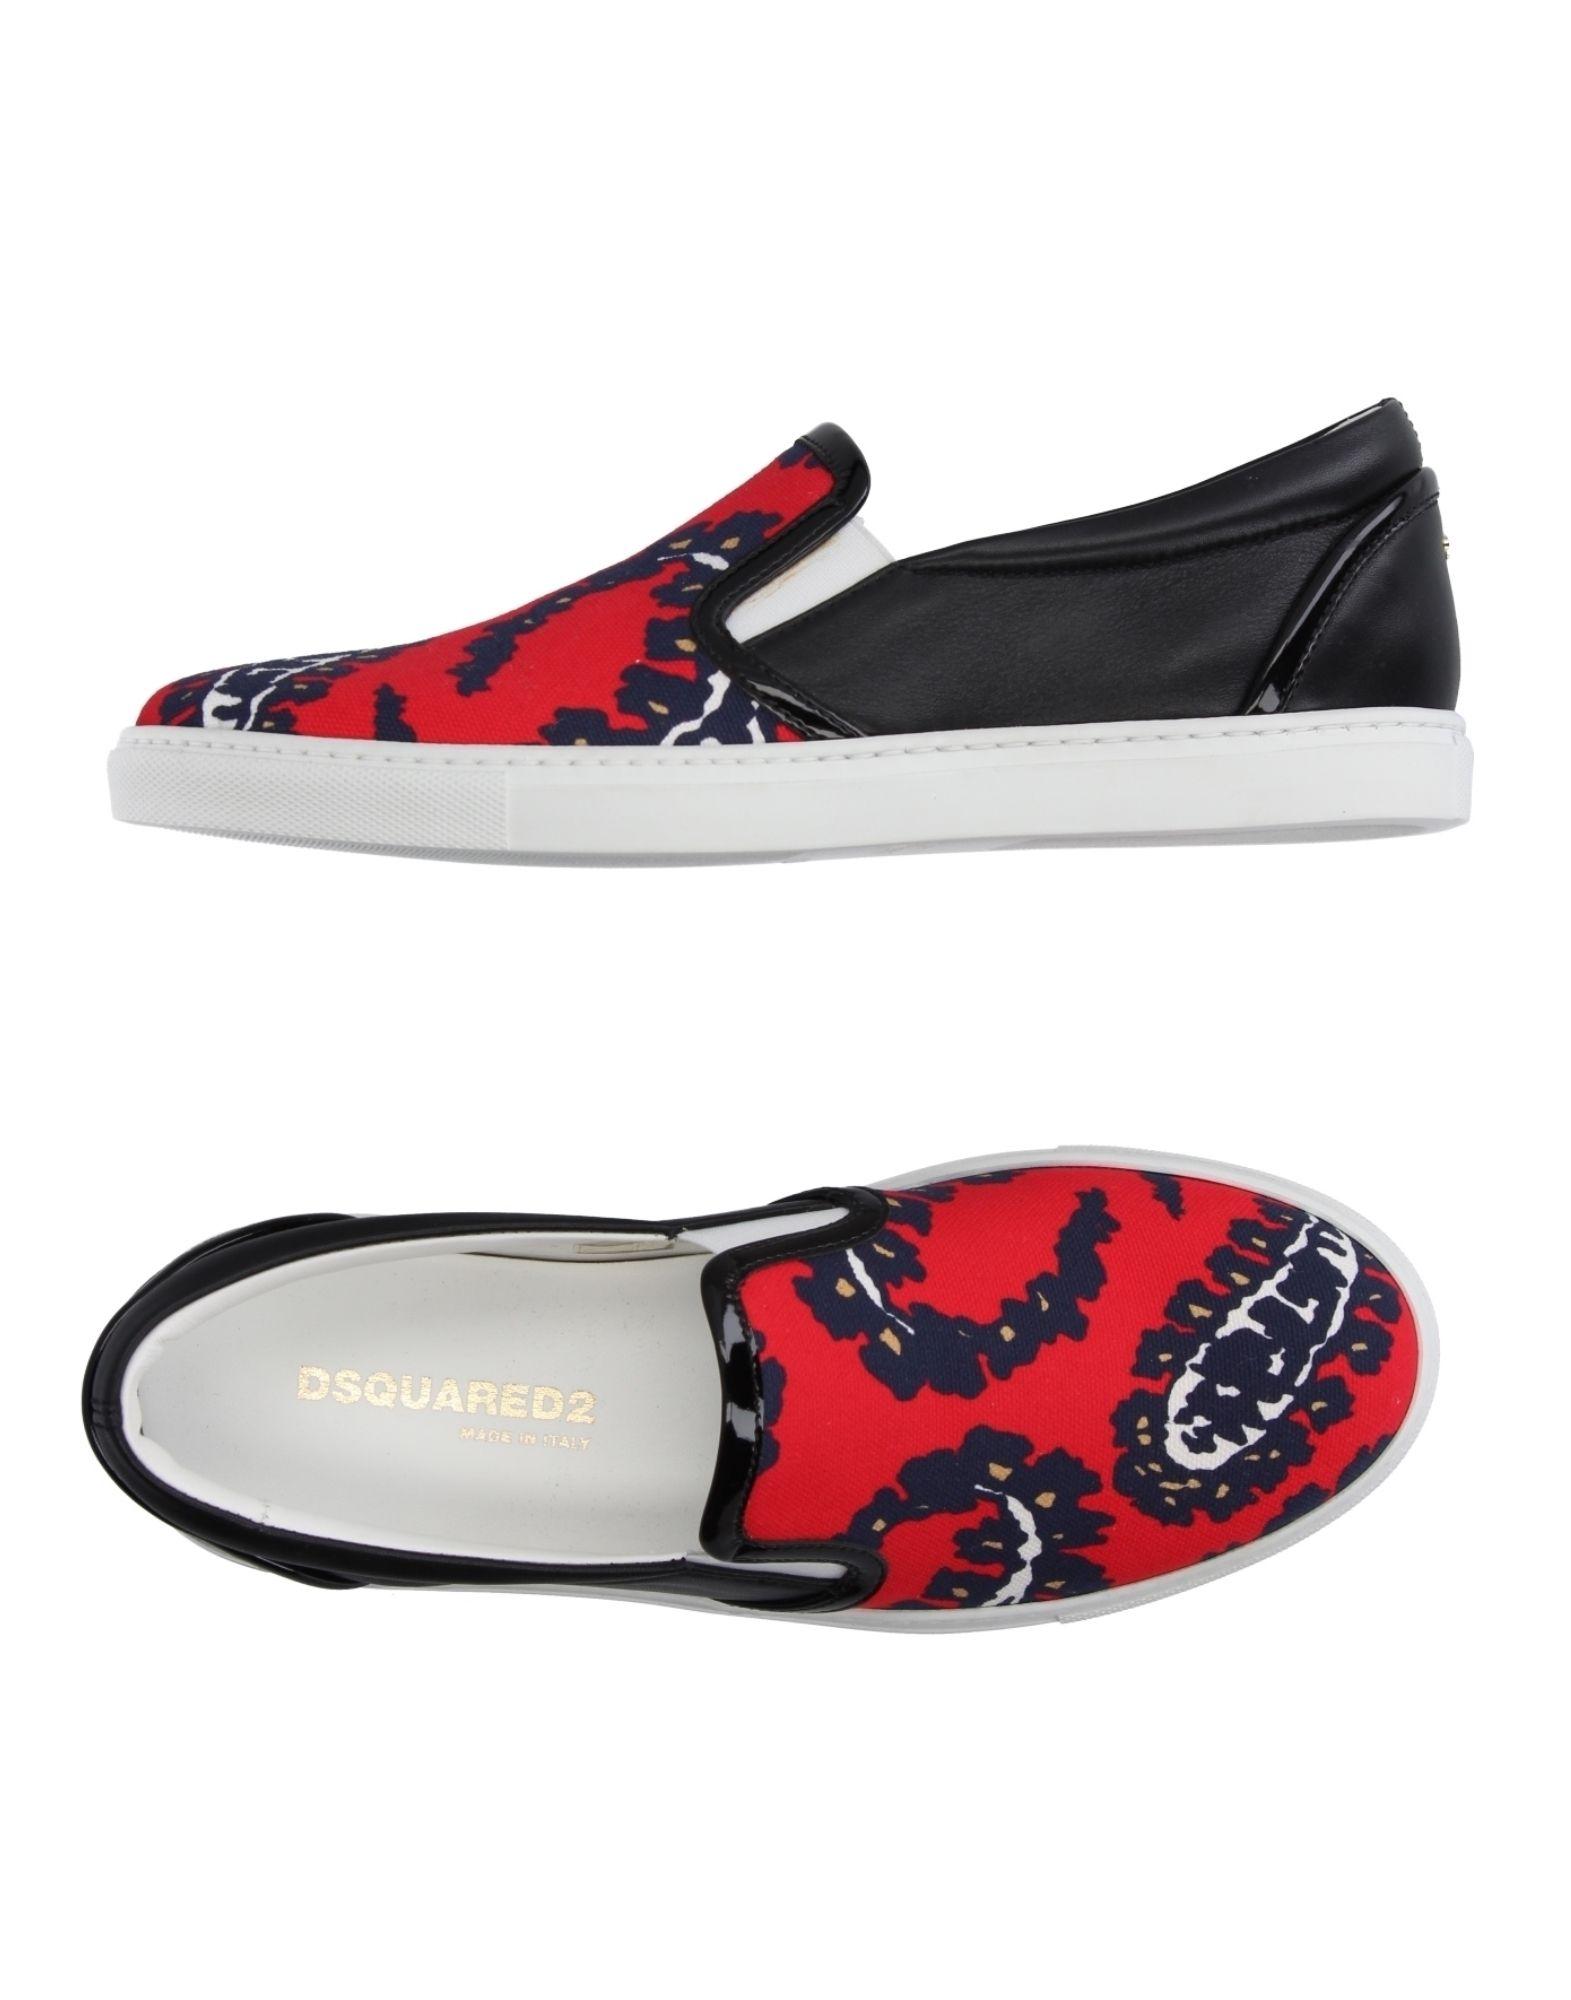 Dsquared2 Sneakers Damen  11181512HK Heiße Heiße Heiße Schuhe 94476d